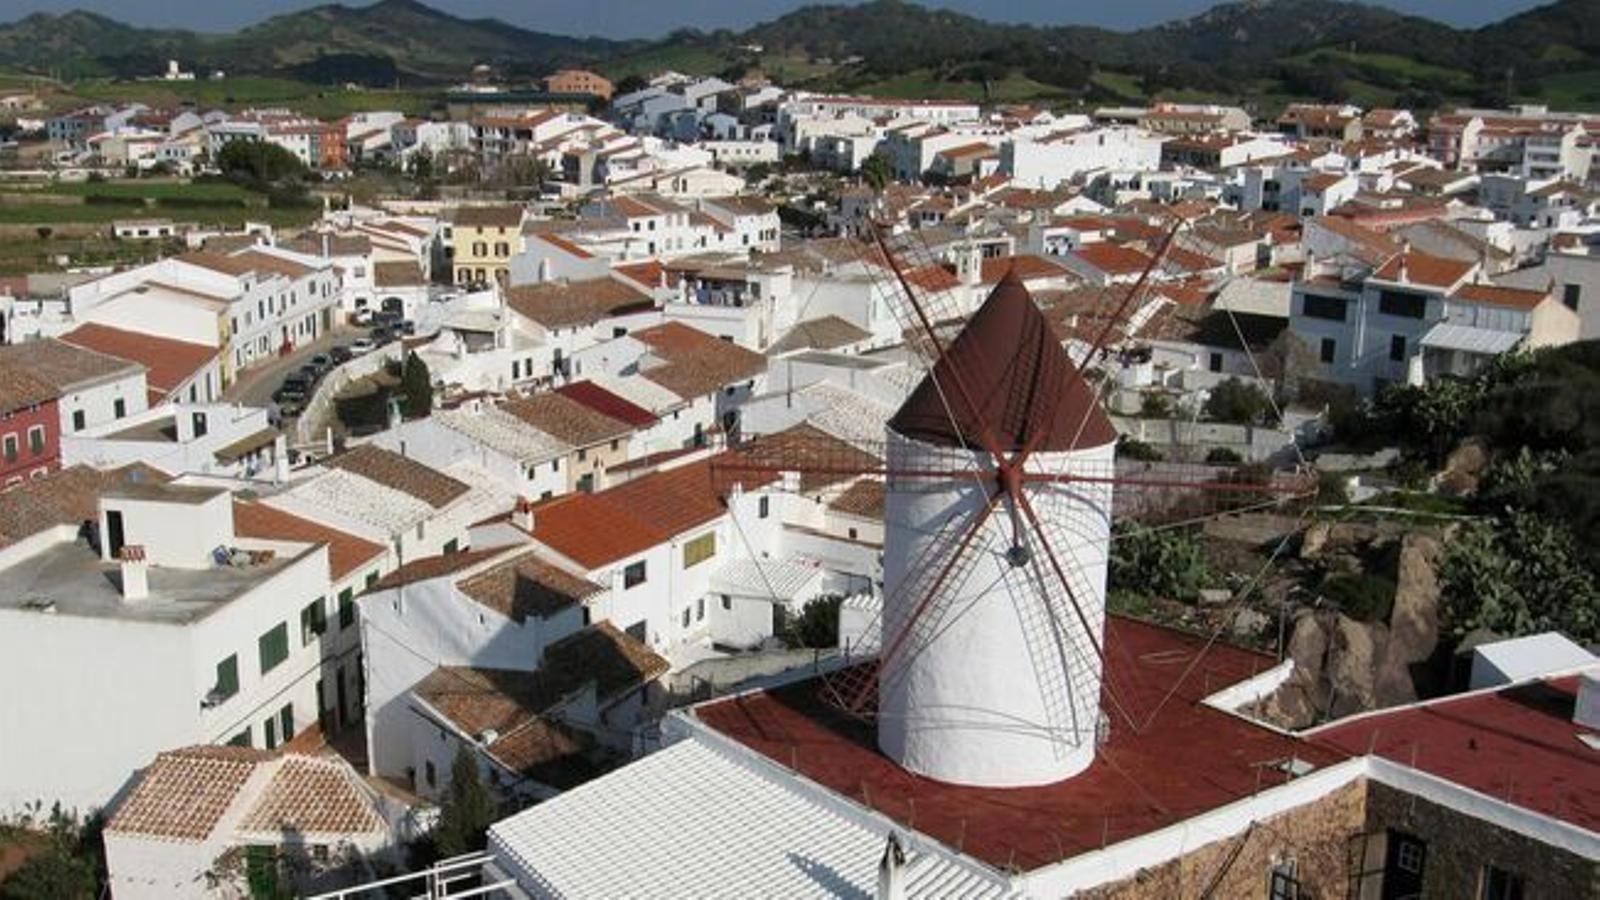 Els comerços del municipi s'estan constituint en una associació.